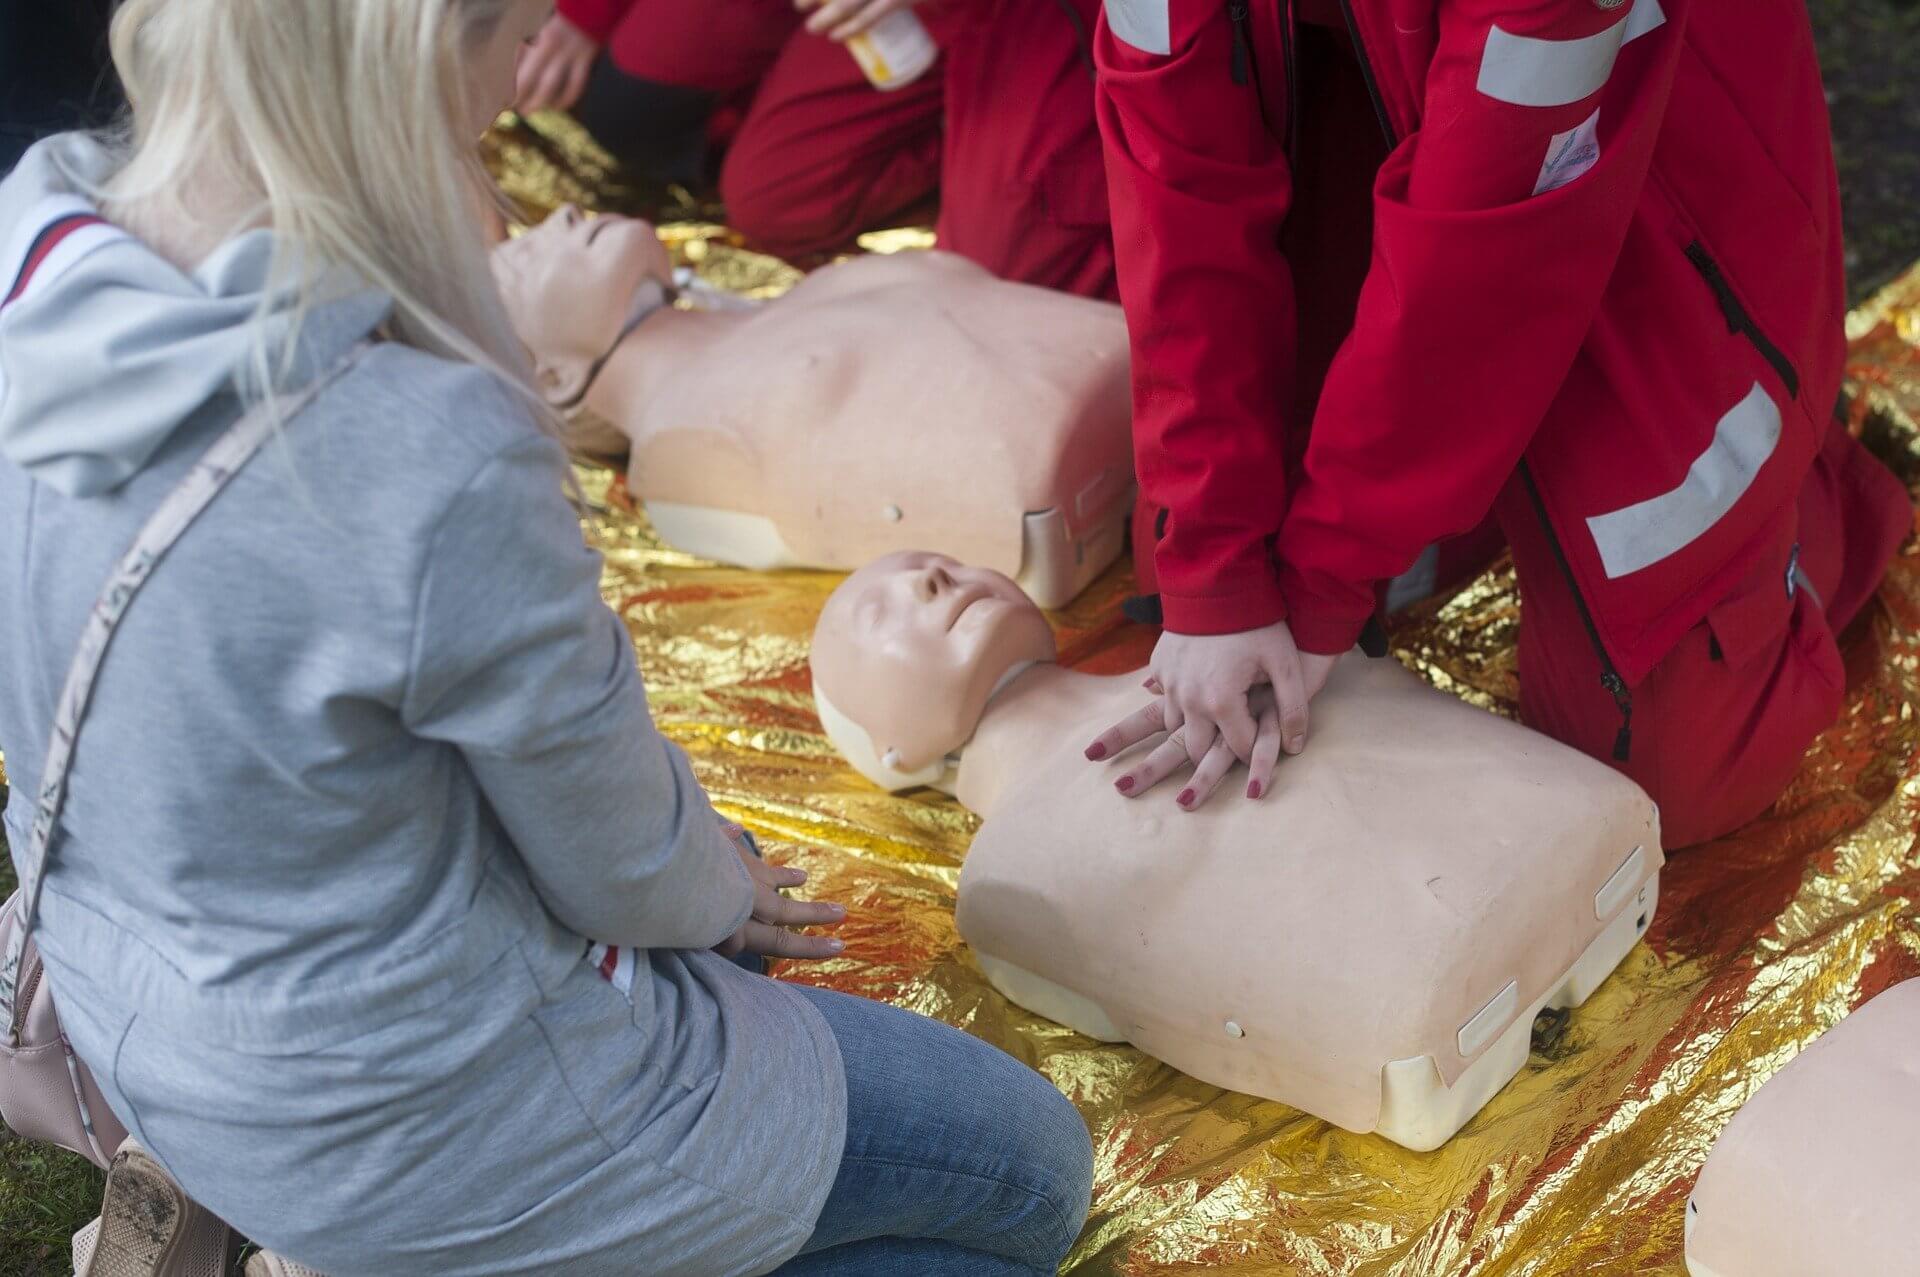 resuscitation-4215647_1920